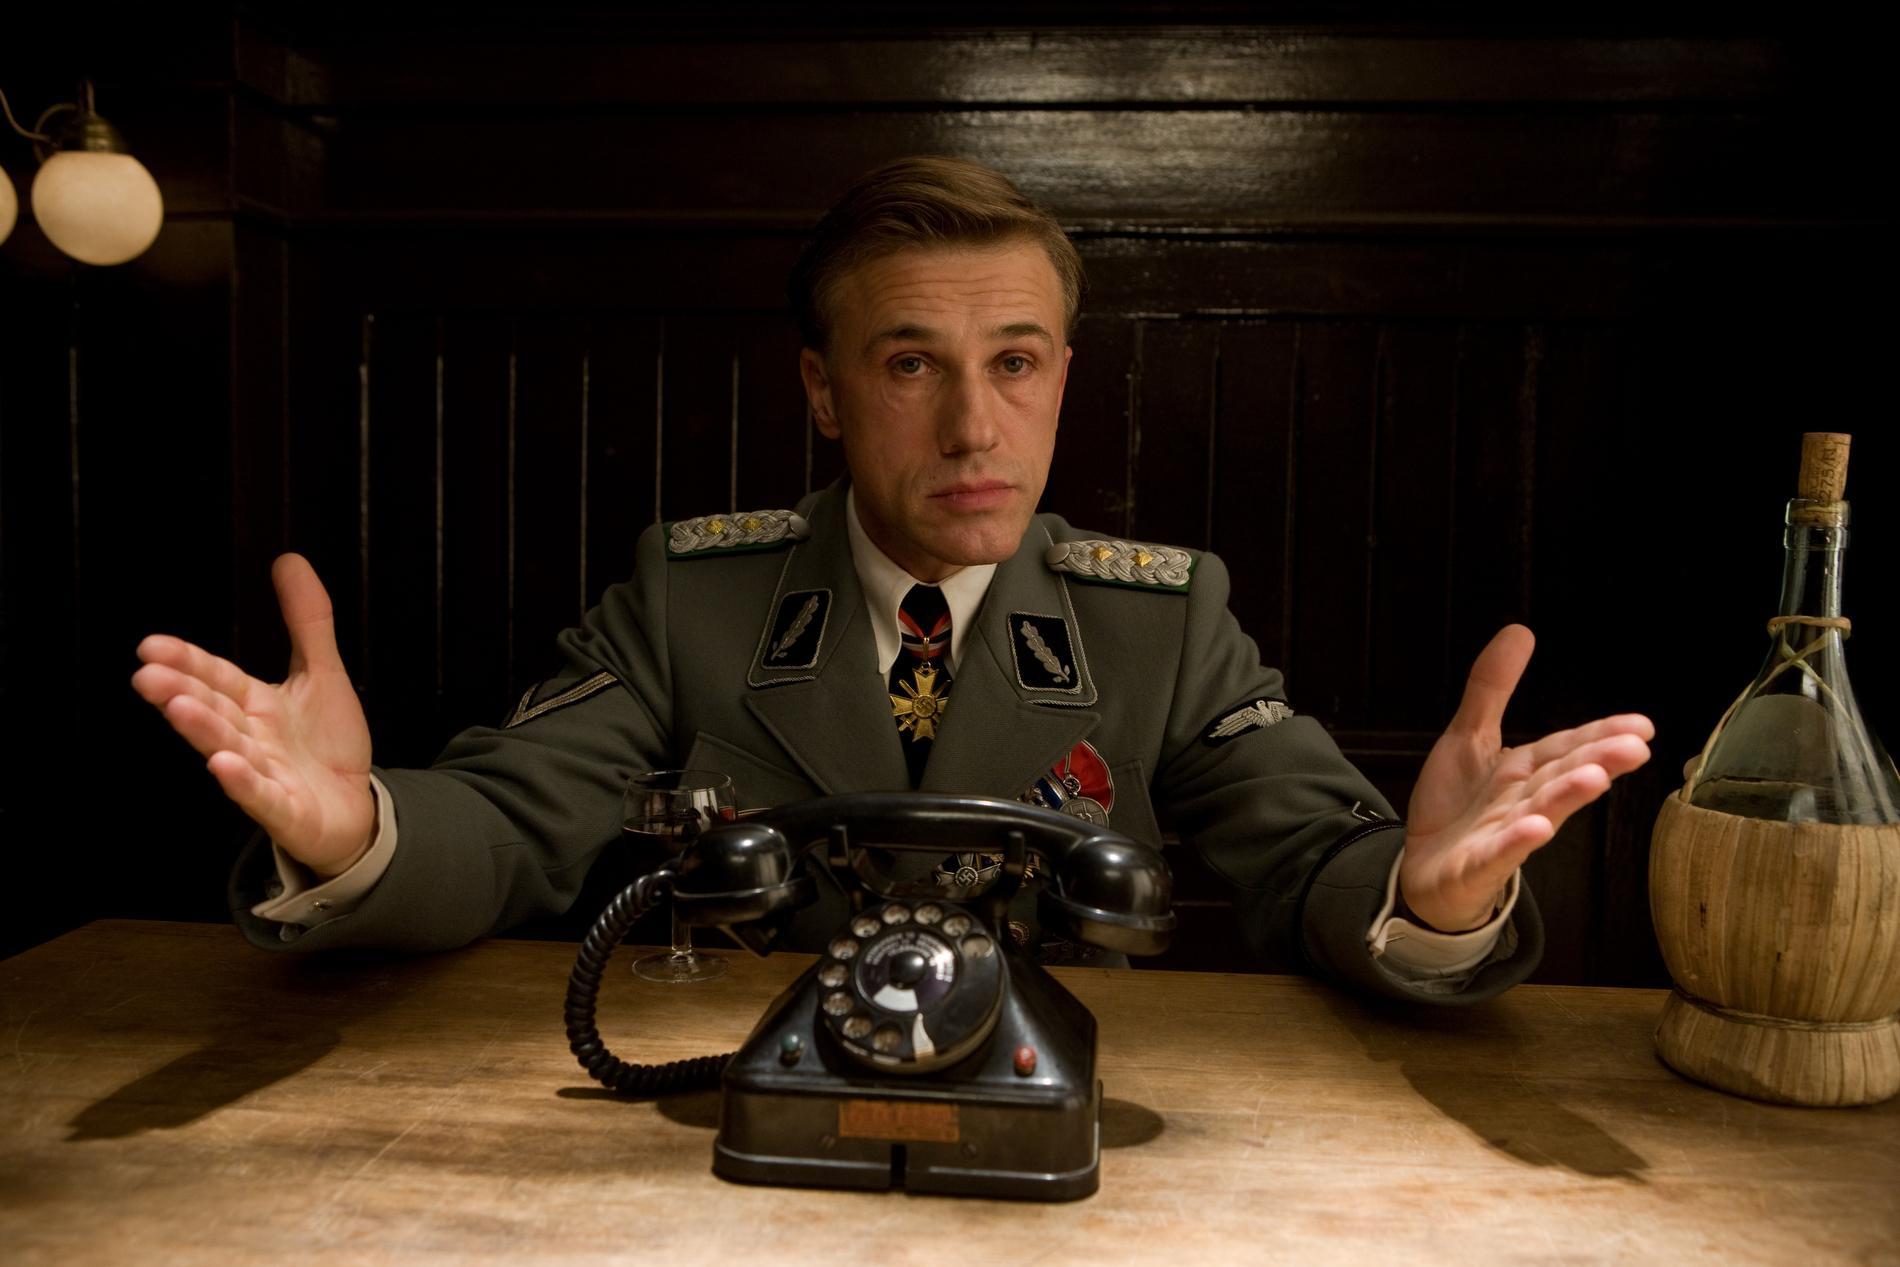 Coronel Hans Landa, Inglorious Bastards